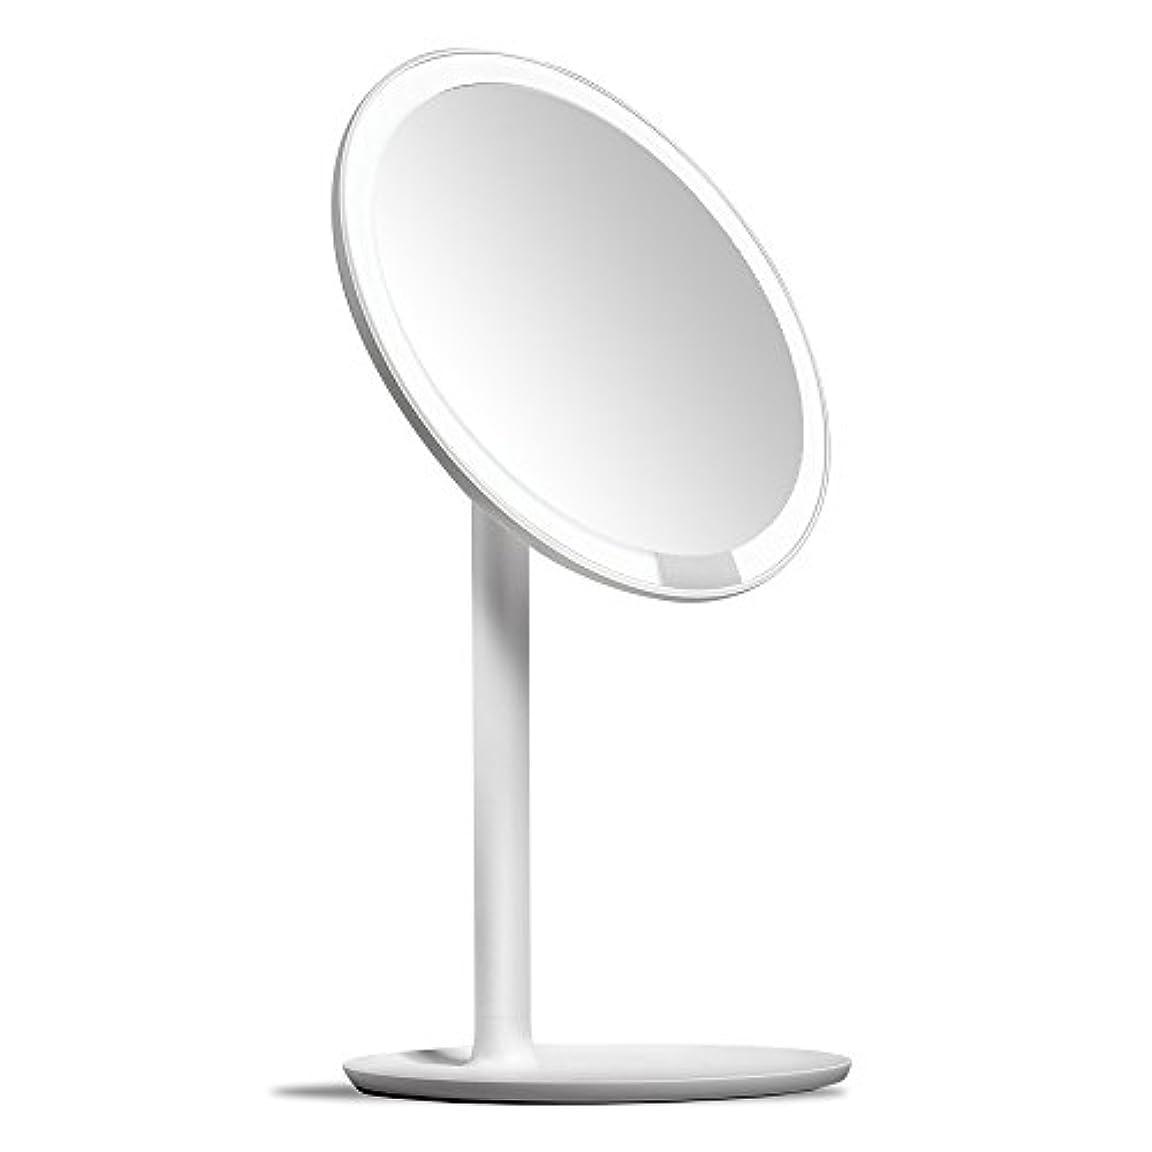 してはいけないジェスチャー氷AMIRO 化粧鏡 化粧ミラー LEDライト付き 卓上鏡 女優ミラー 3段階明るさ調節可能 コードレス 充電式